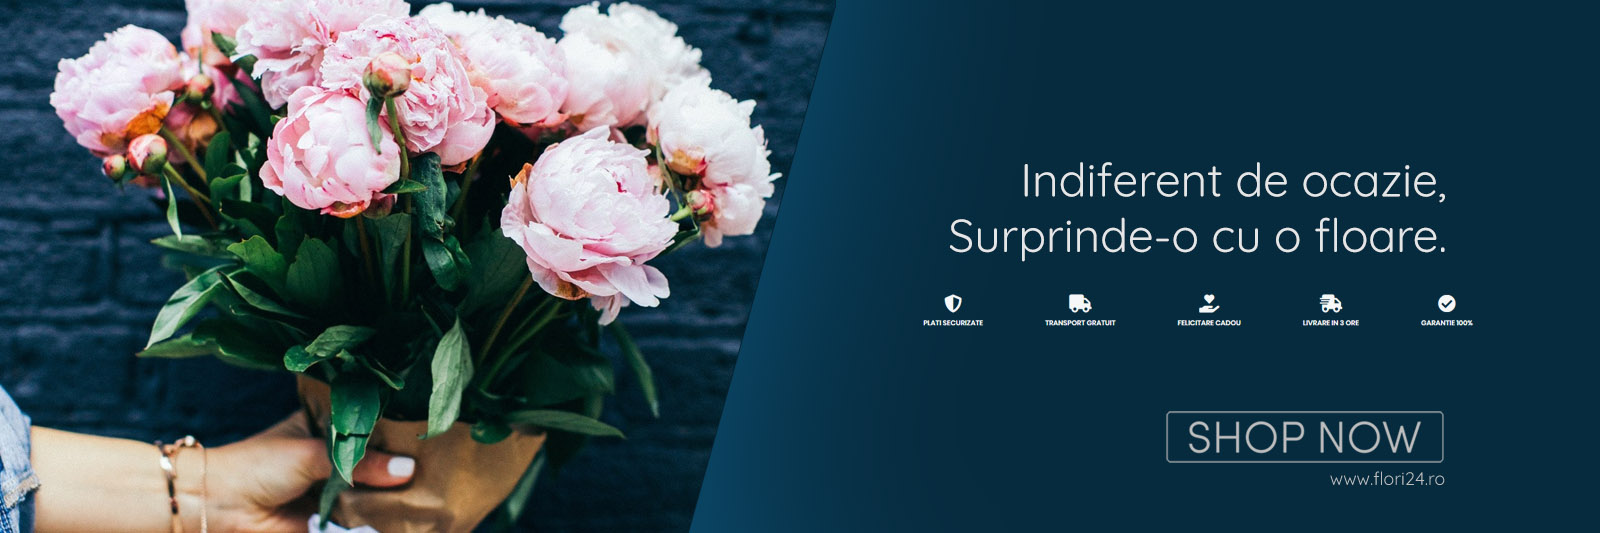 Indiferent de ocazie, surprinde-o cu o floare.